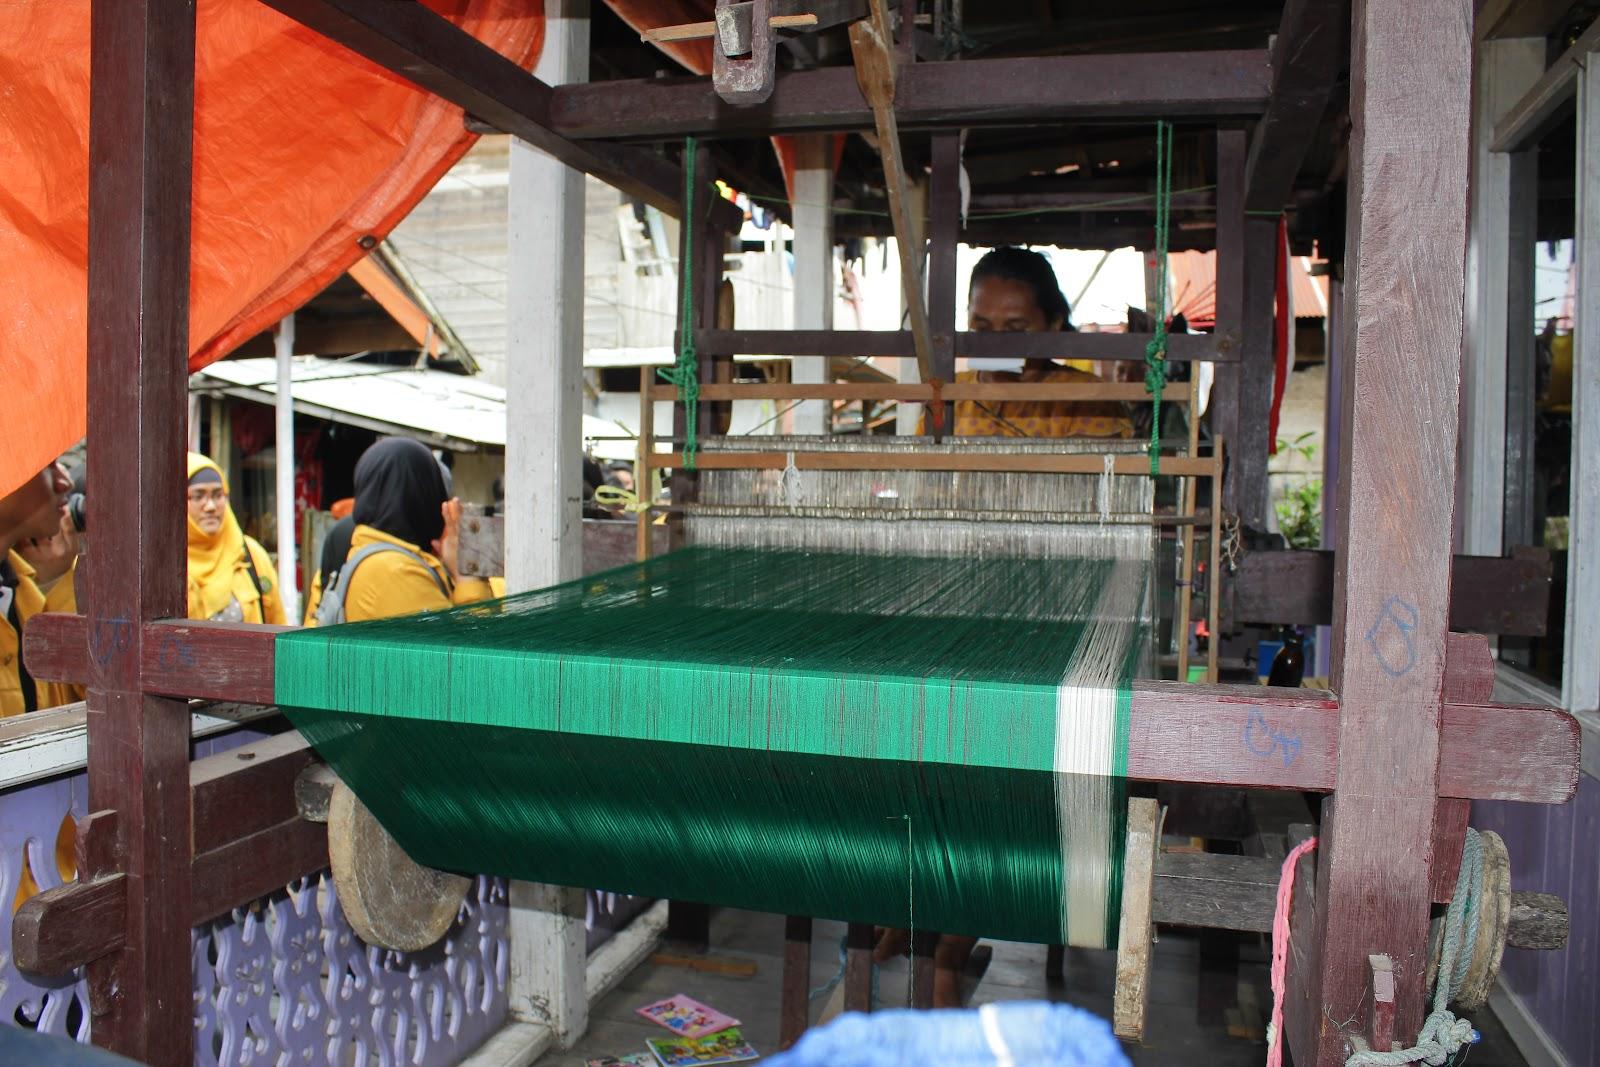 Fauziah Kerajinan Tenun Sarung Samarinda Kampung Kota